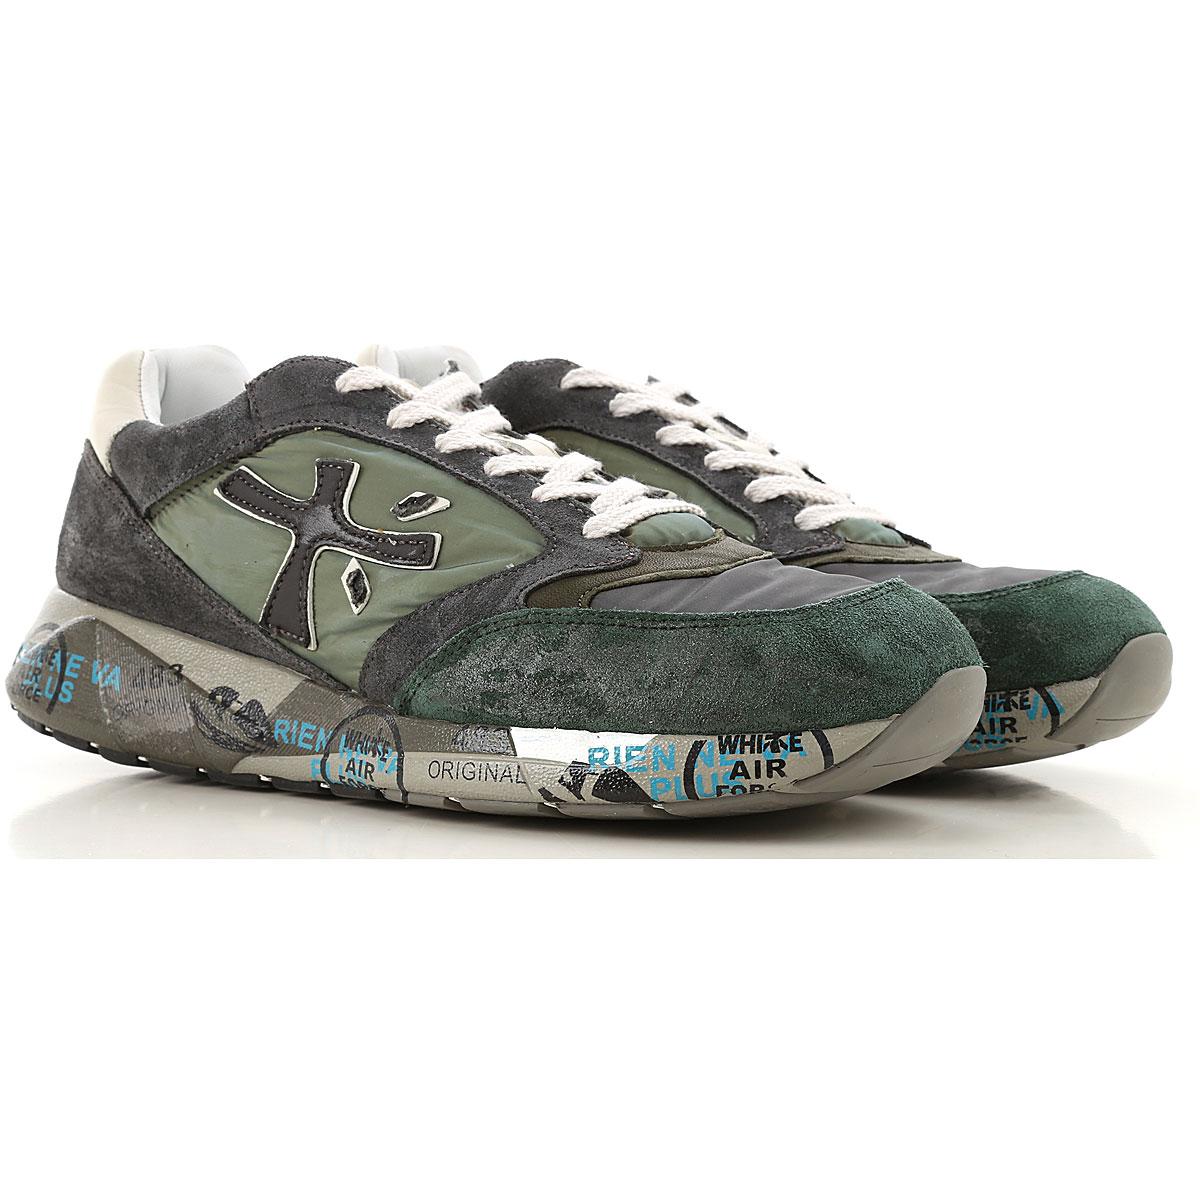 Premiata Mens Shoes, Nylon, 2019, 10.5 12 7.5 9